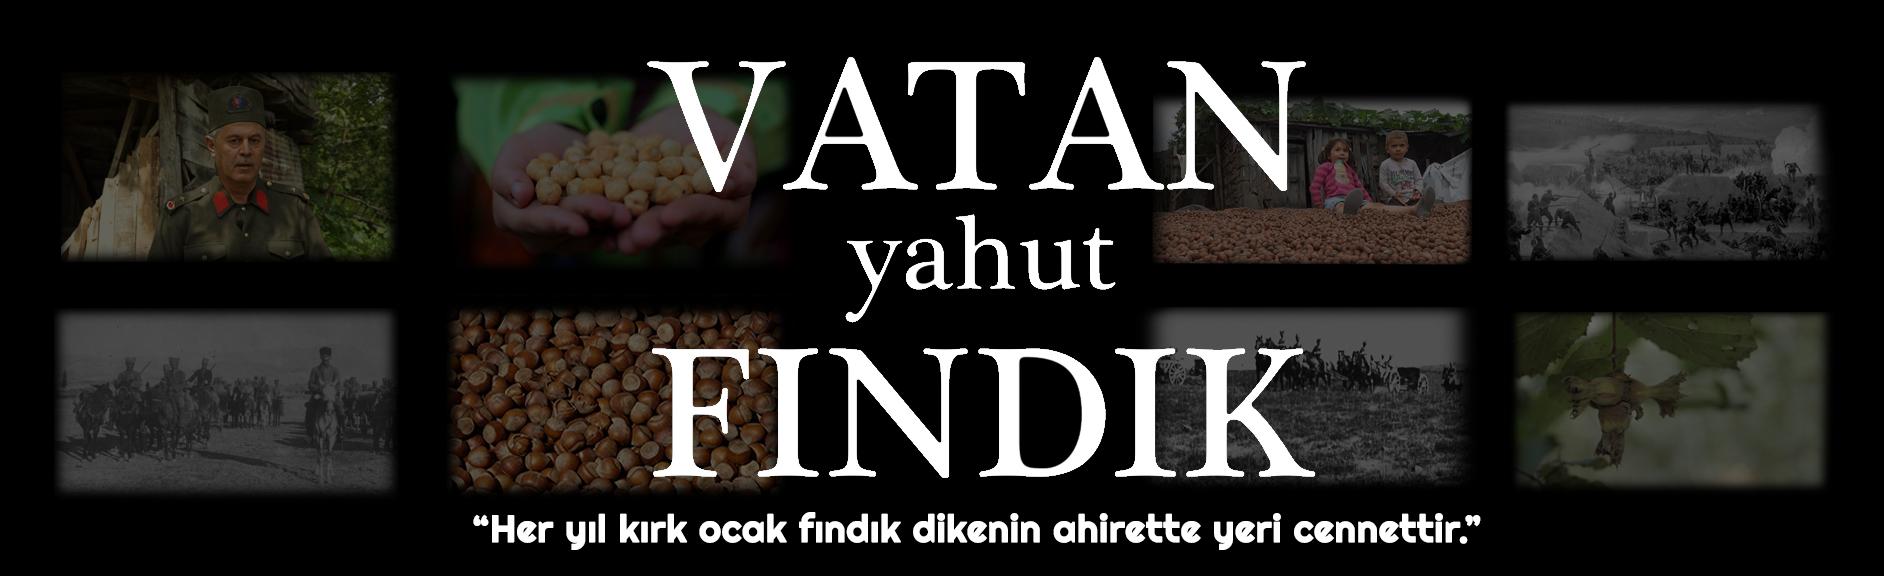 Vatan Yahut Fındık